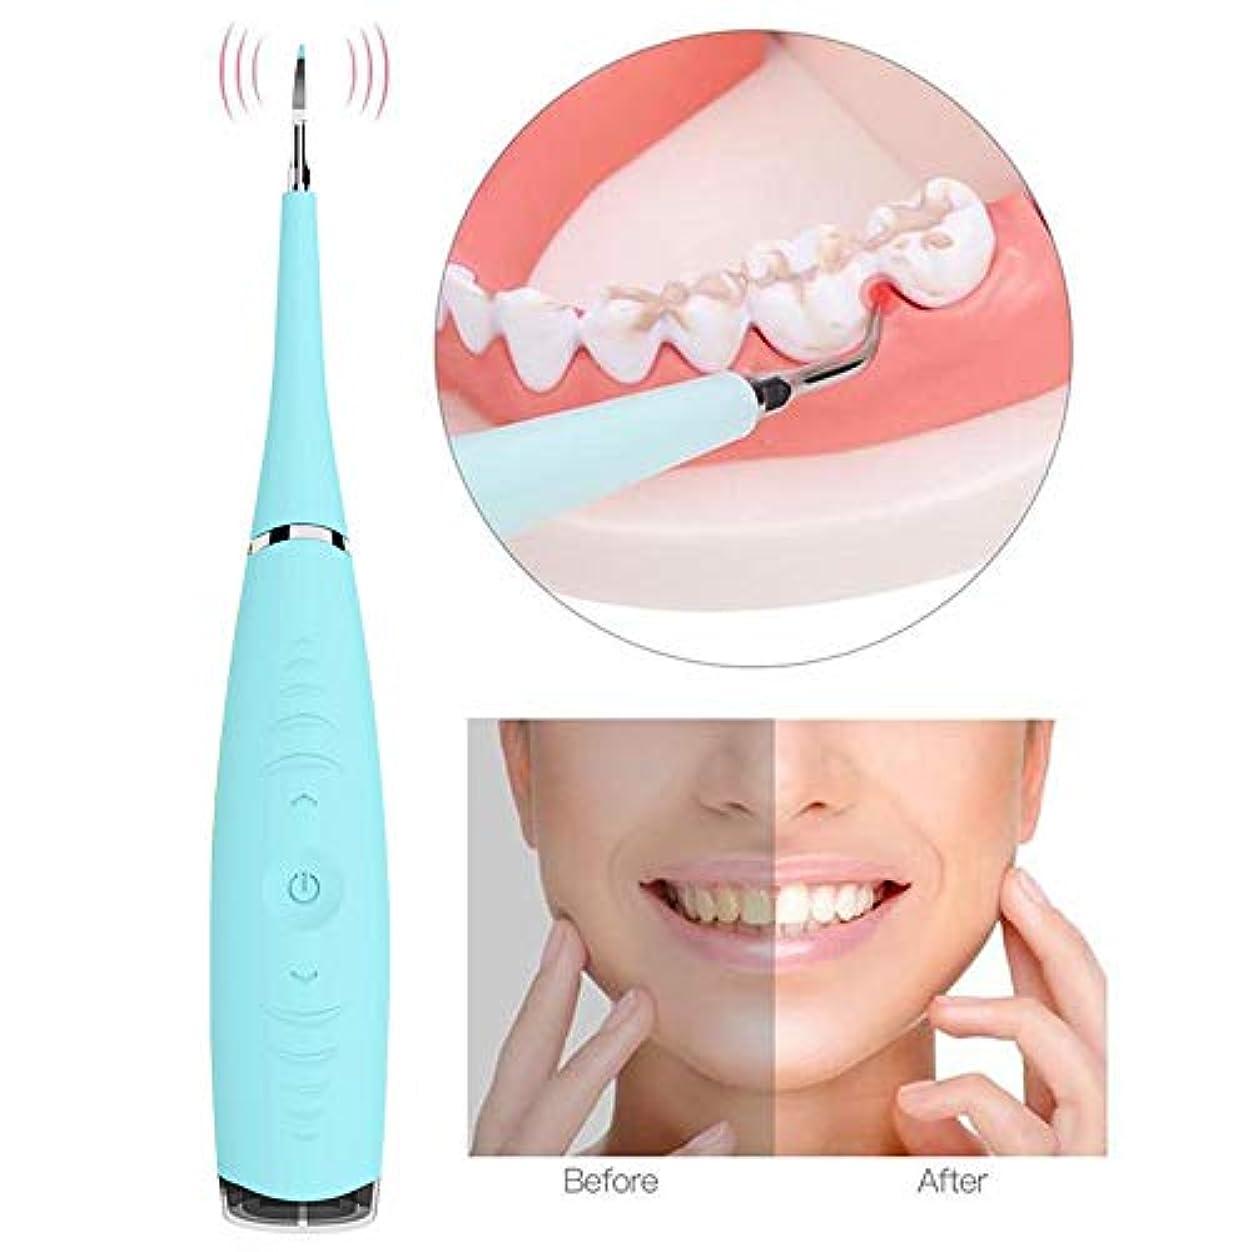 いつ十分なペック歯石除去ホワイトニング歯石除去ポータブル家庭用歯石プラーク除去歯磨き粉用健康口腔衛生